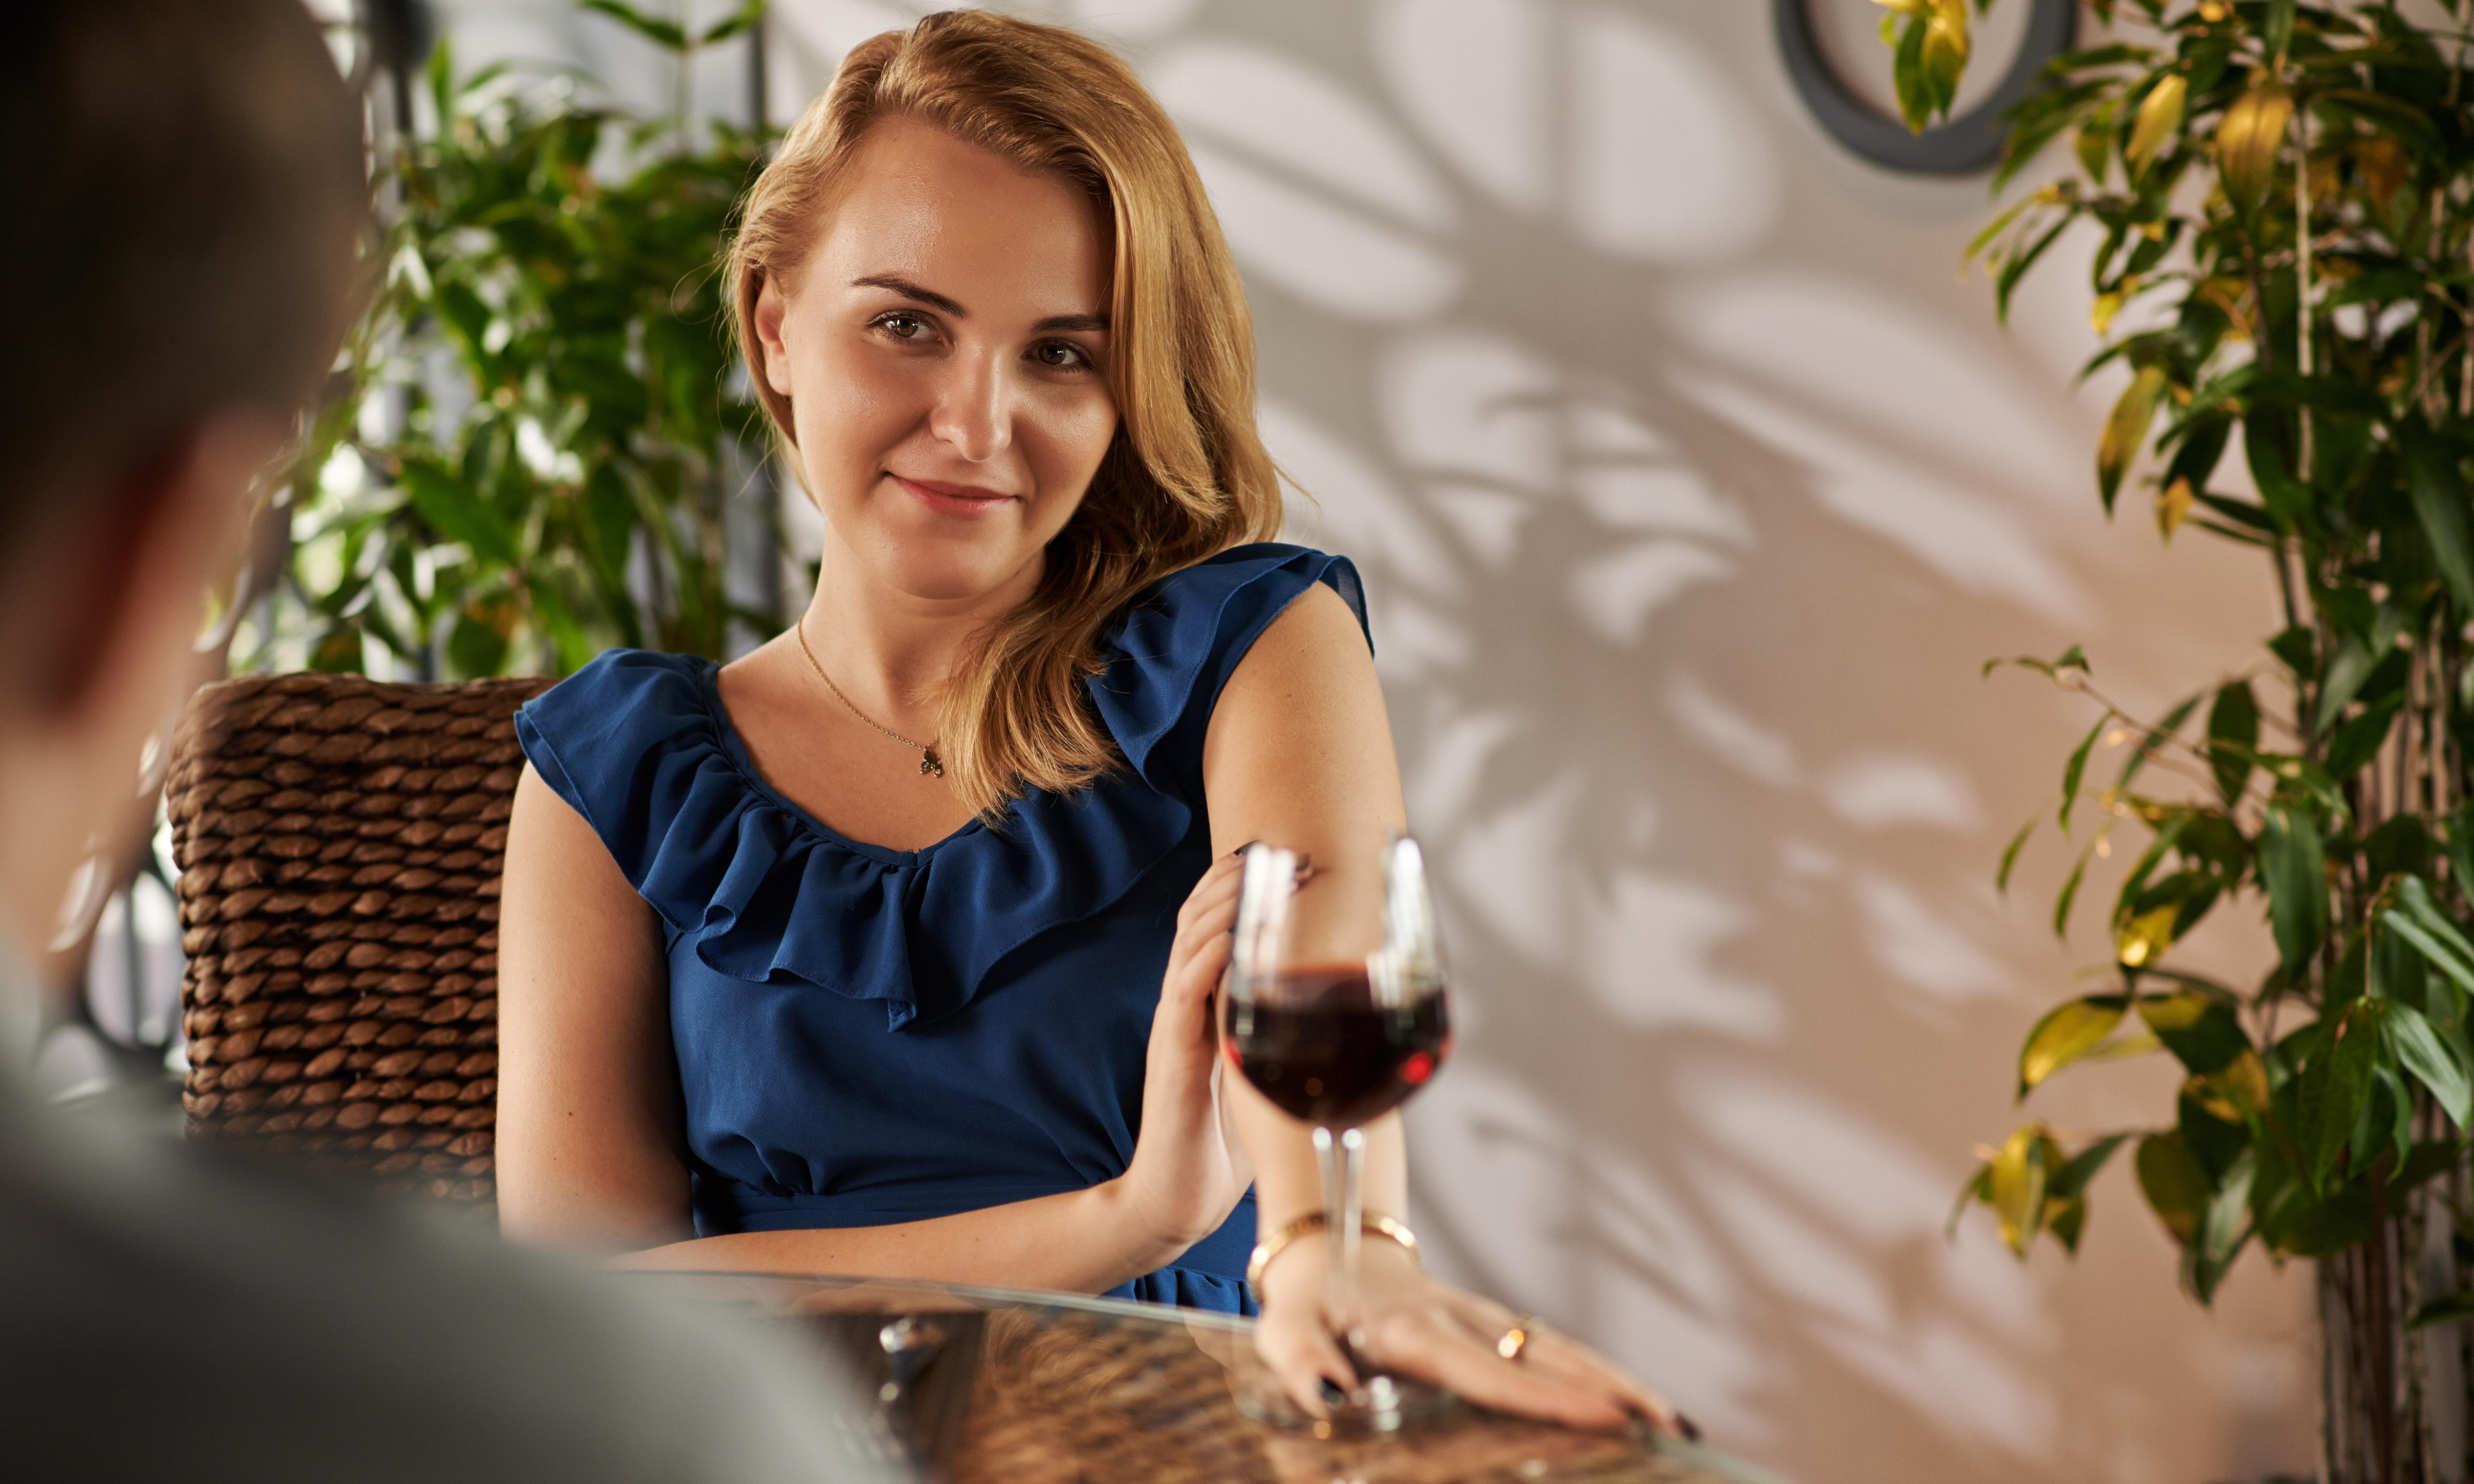 társkereső oldalak ebéd sebesség randevú manhattan new yorkban